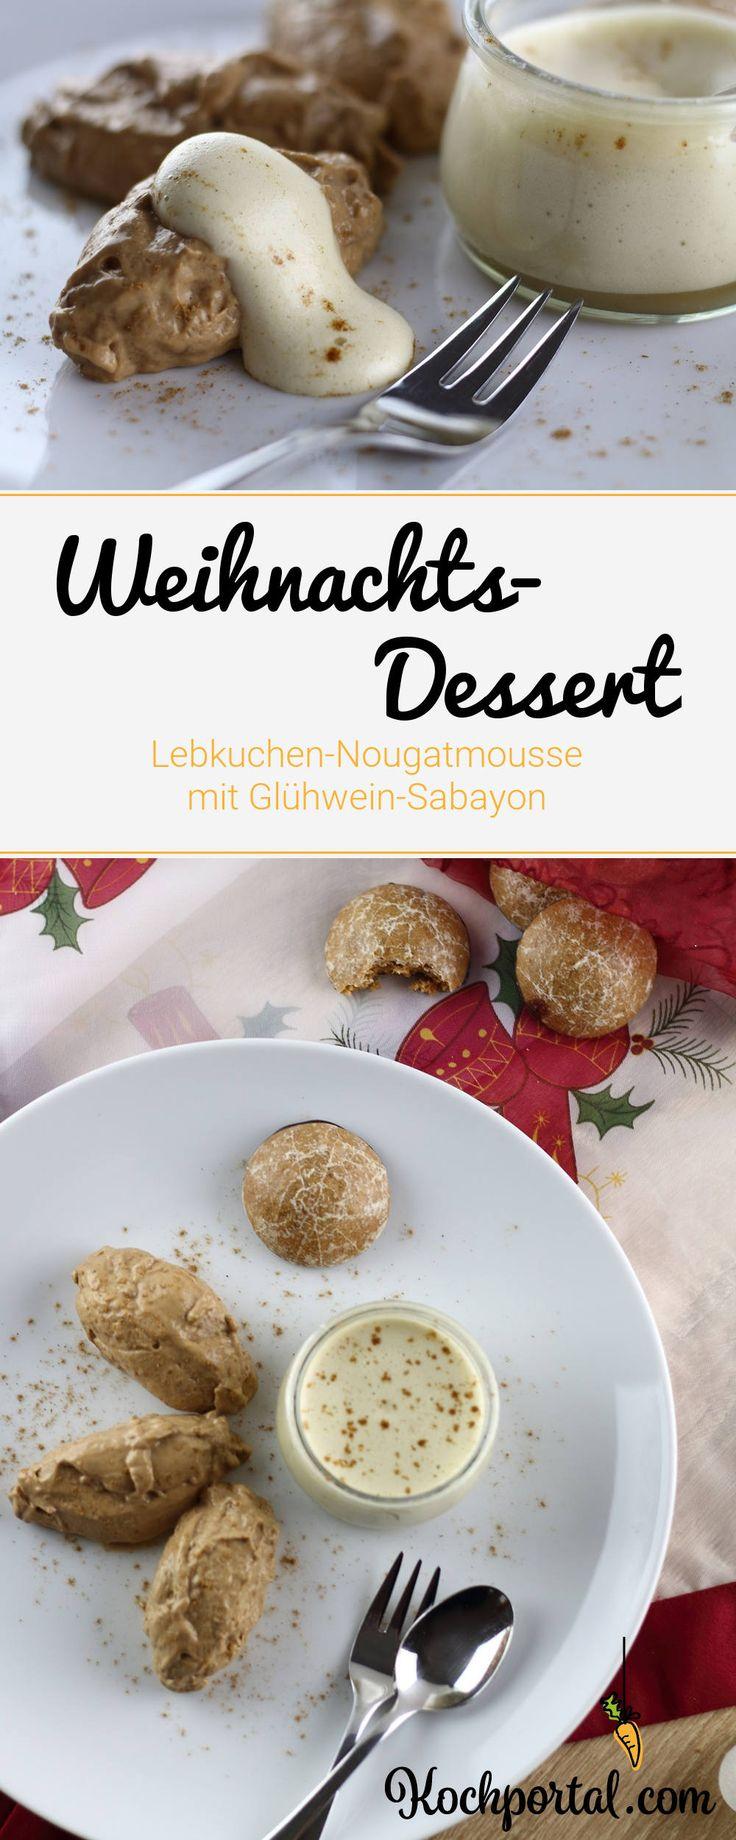 Weihnachtsdessert - Lebkuchen-Nougatmousse mit Glühwein-Sabayon #weihnachtsdessert #lebkuchenmousse #nougatmousse #glühweinsabayon